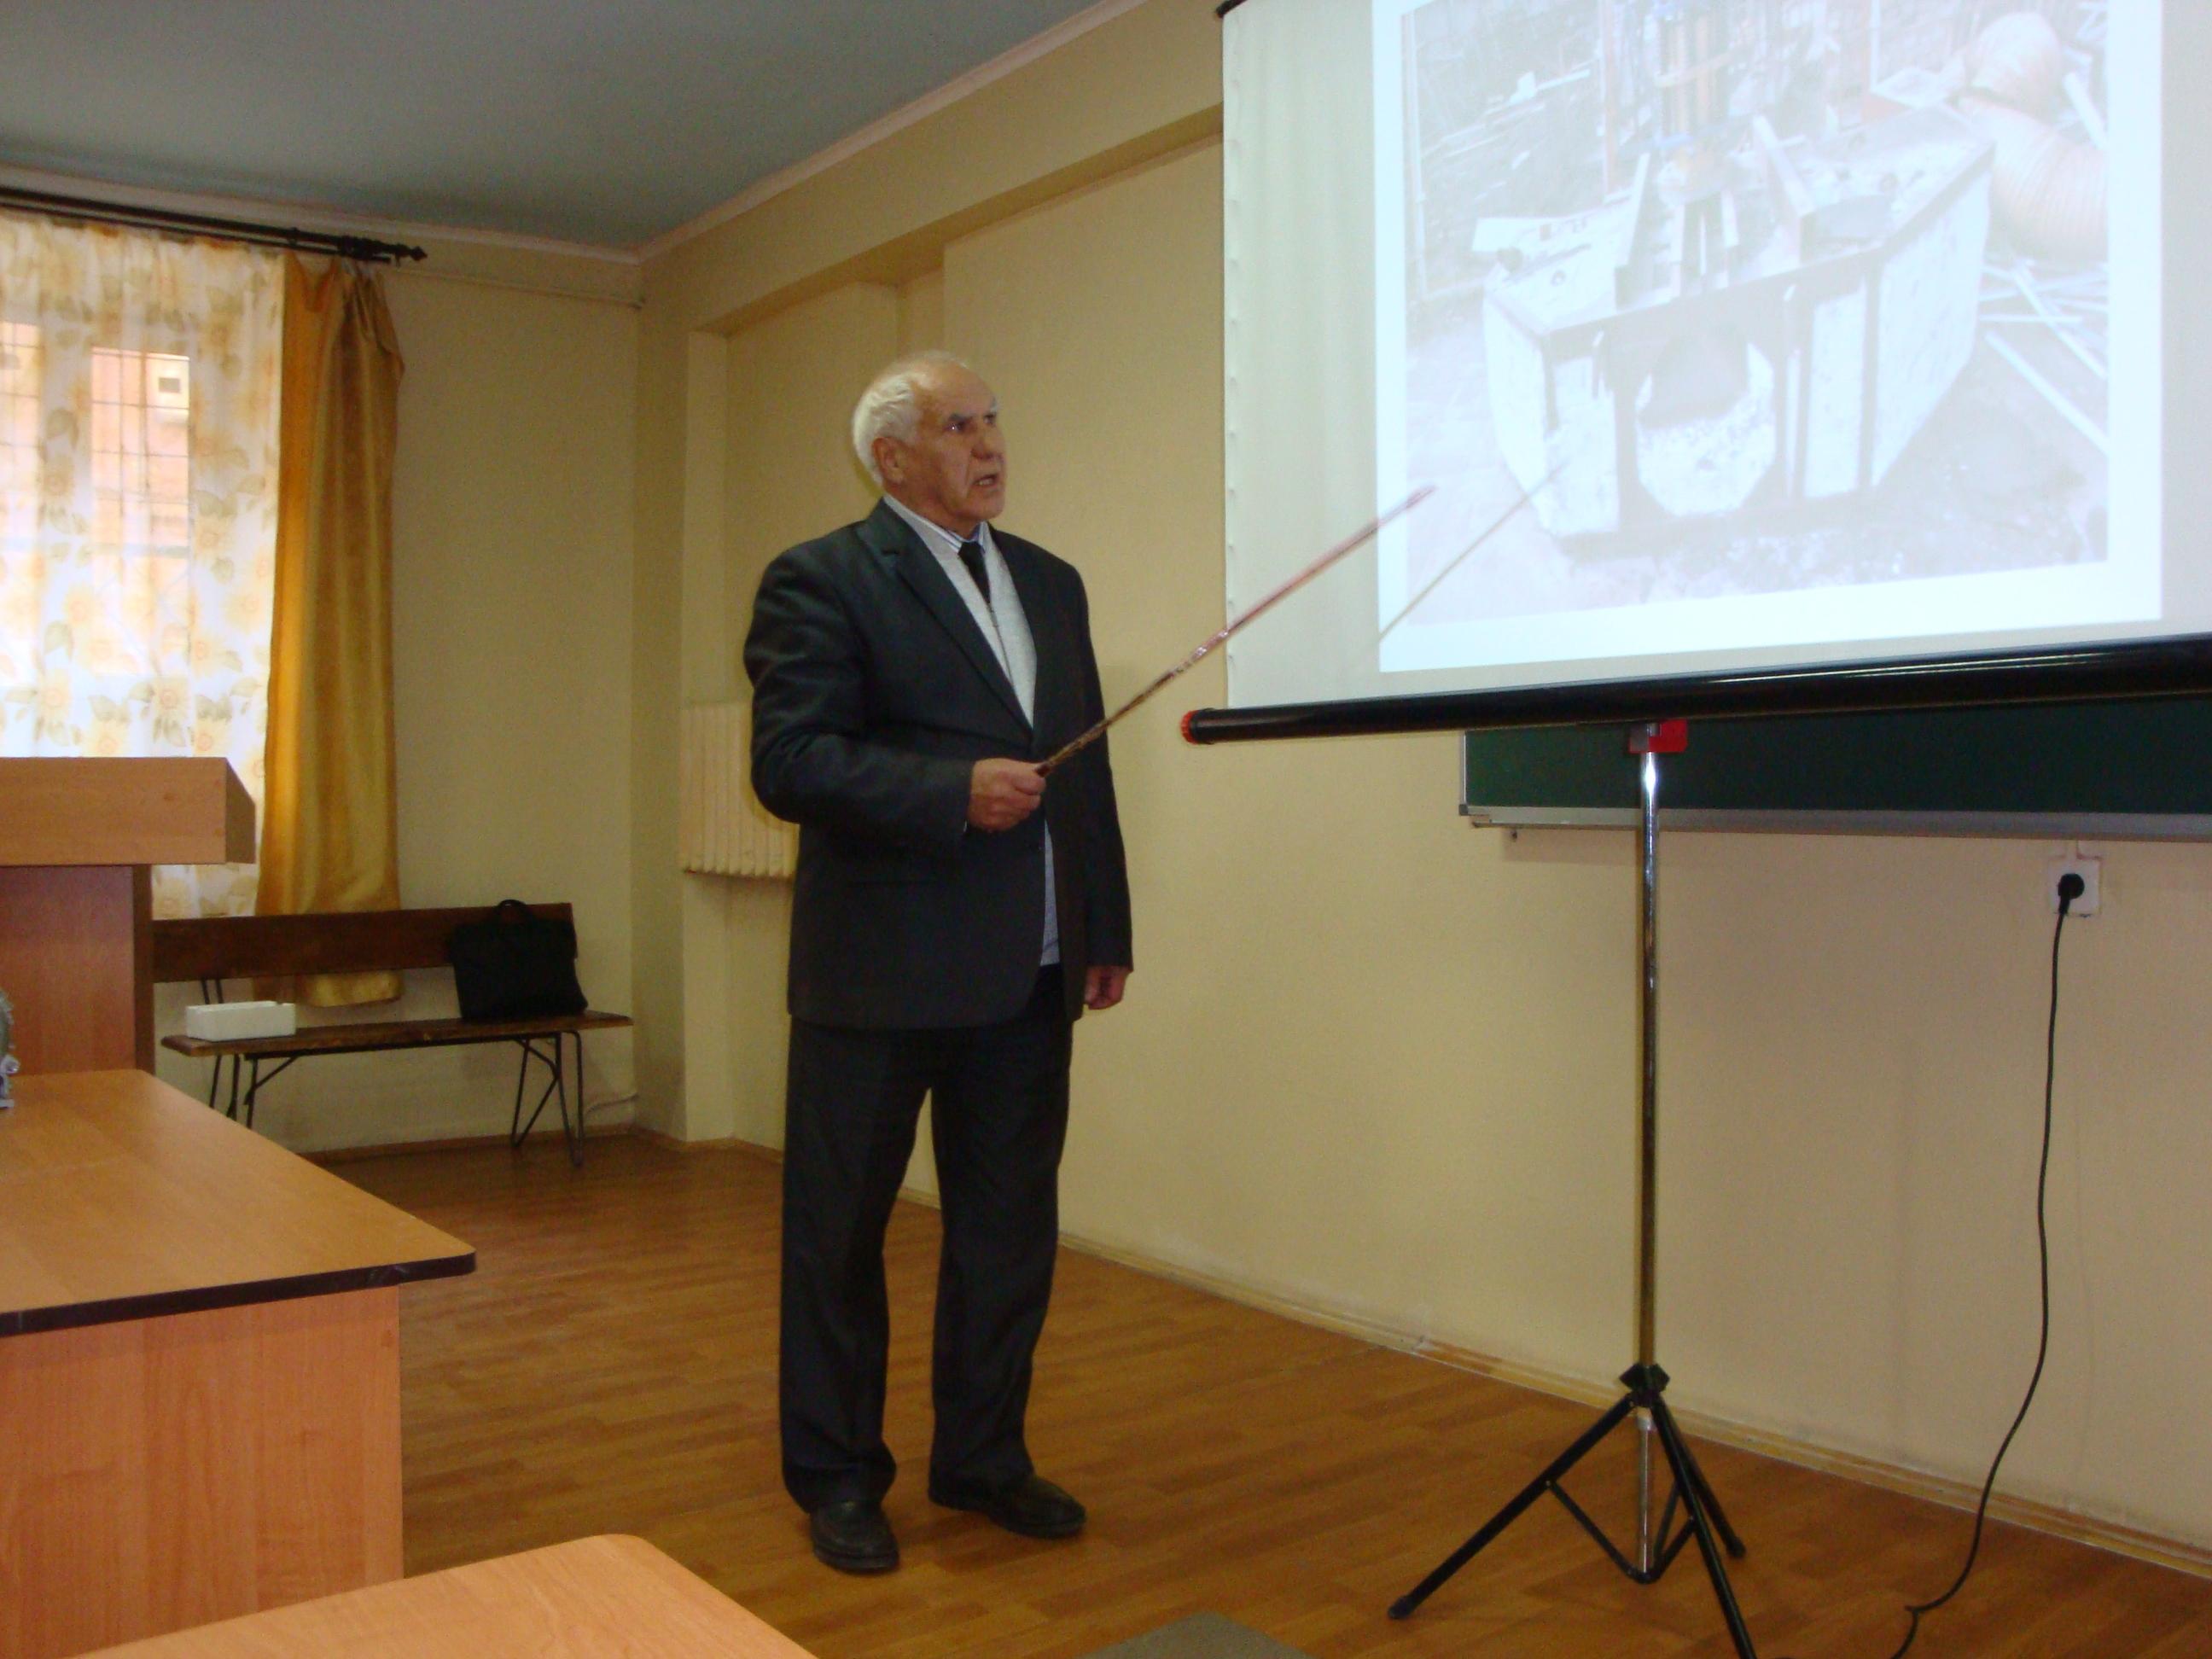 Доц. Голенков Г.М. (КНУСА, Киев)